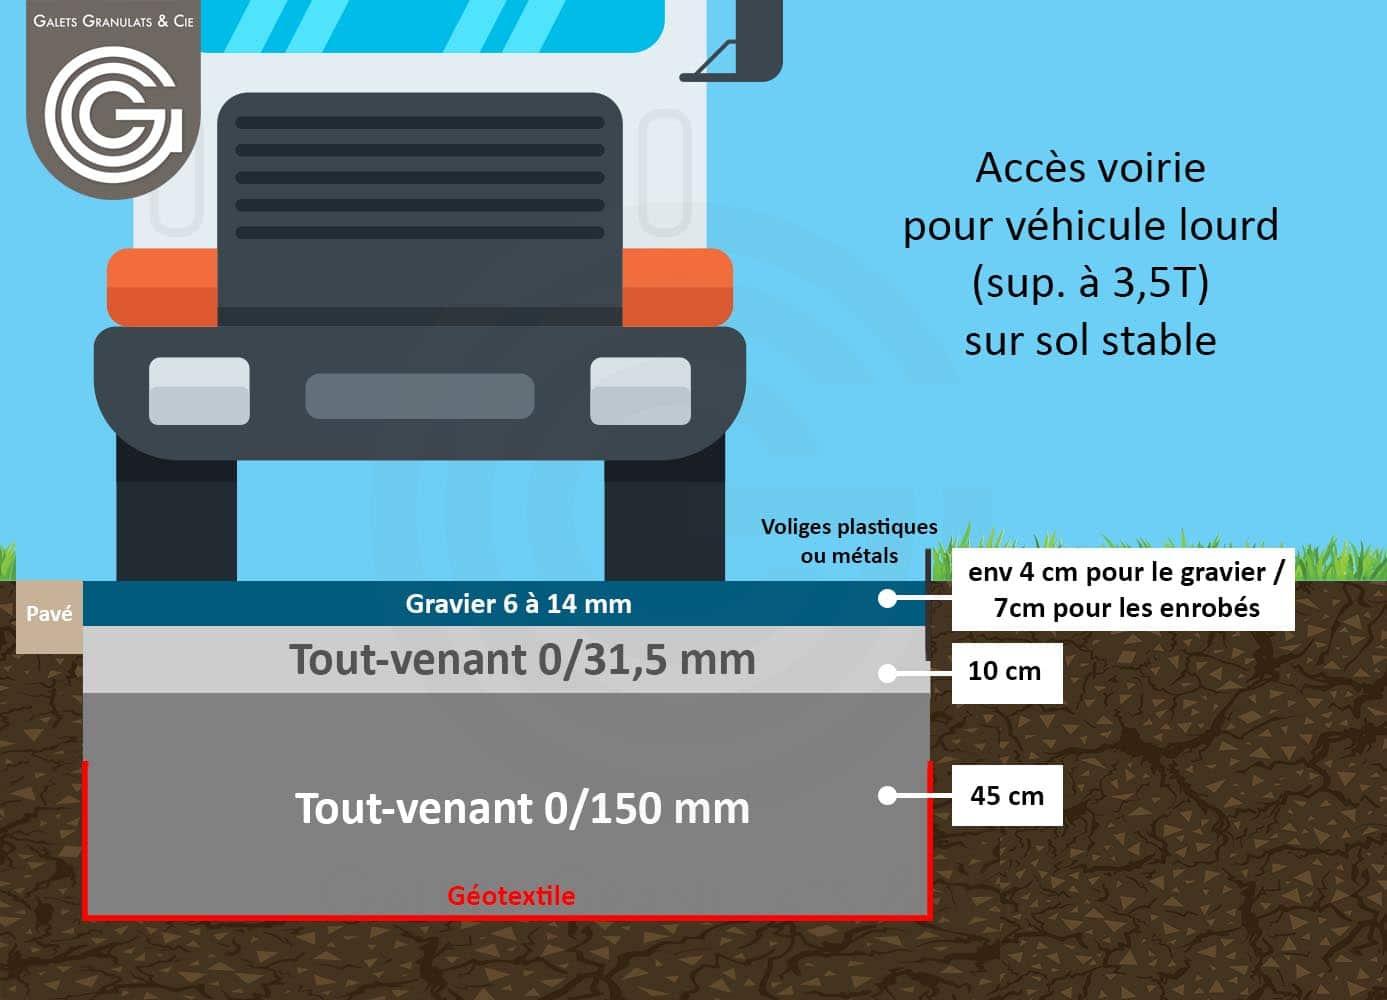 Prix Geotextile Pour Chemin D Accès comment faire une chemin d'accÈs maison ? - galets granulats